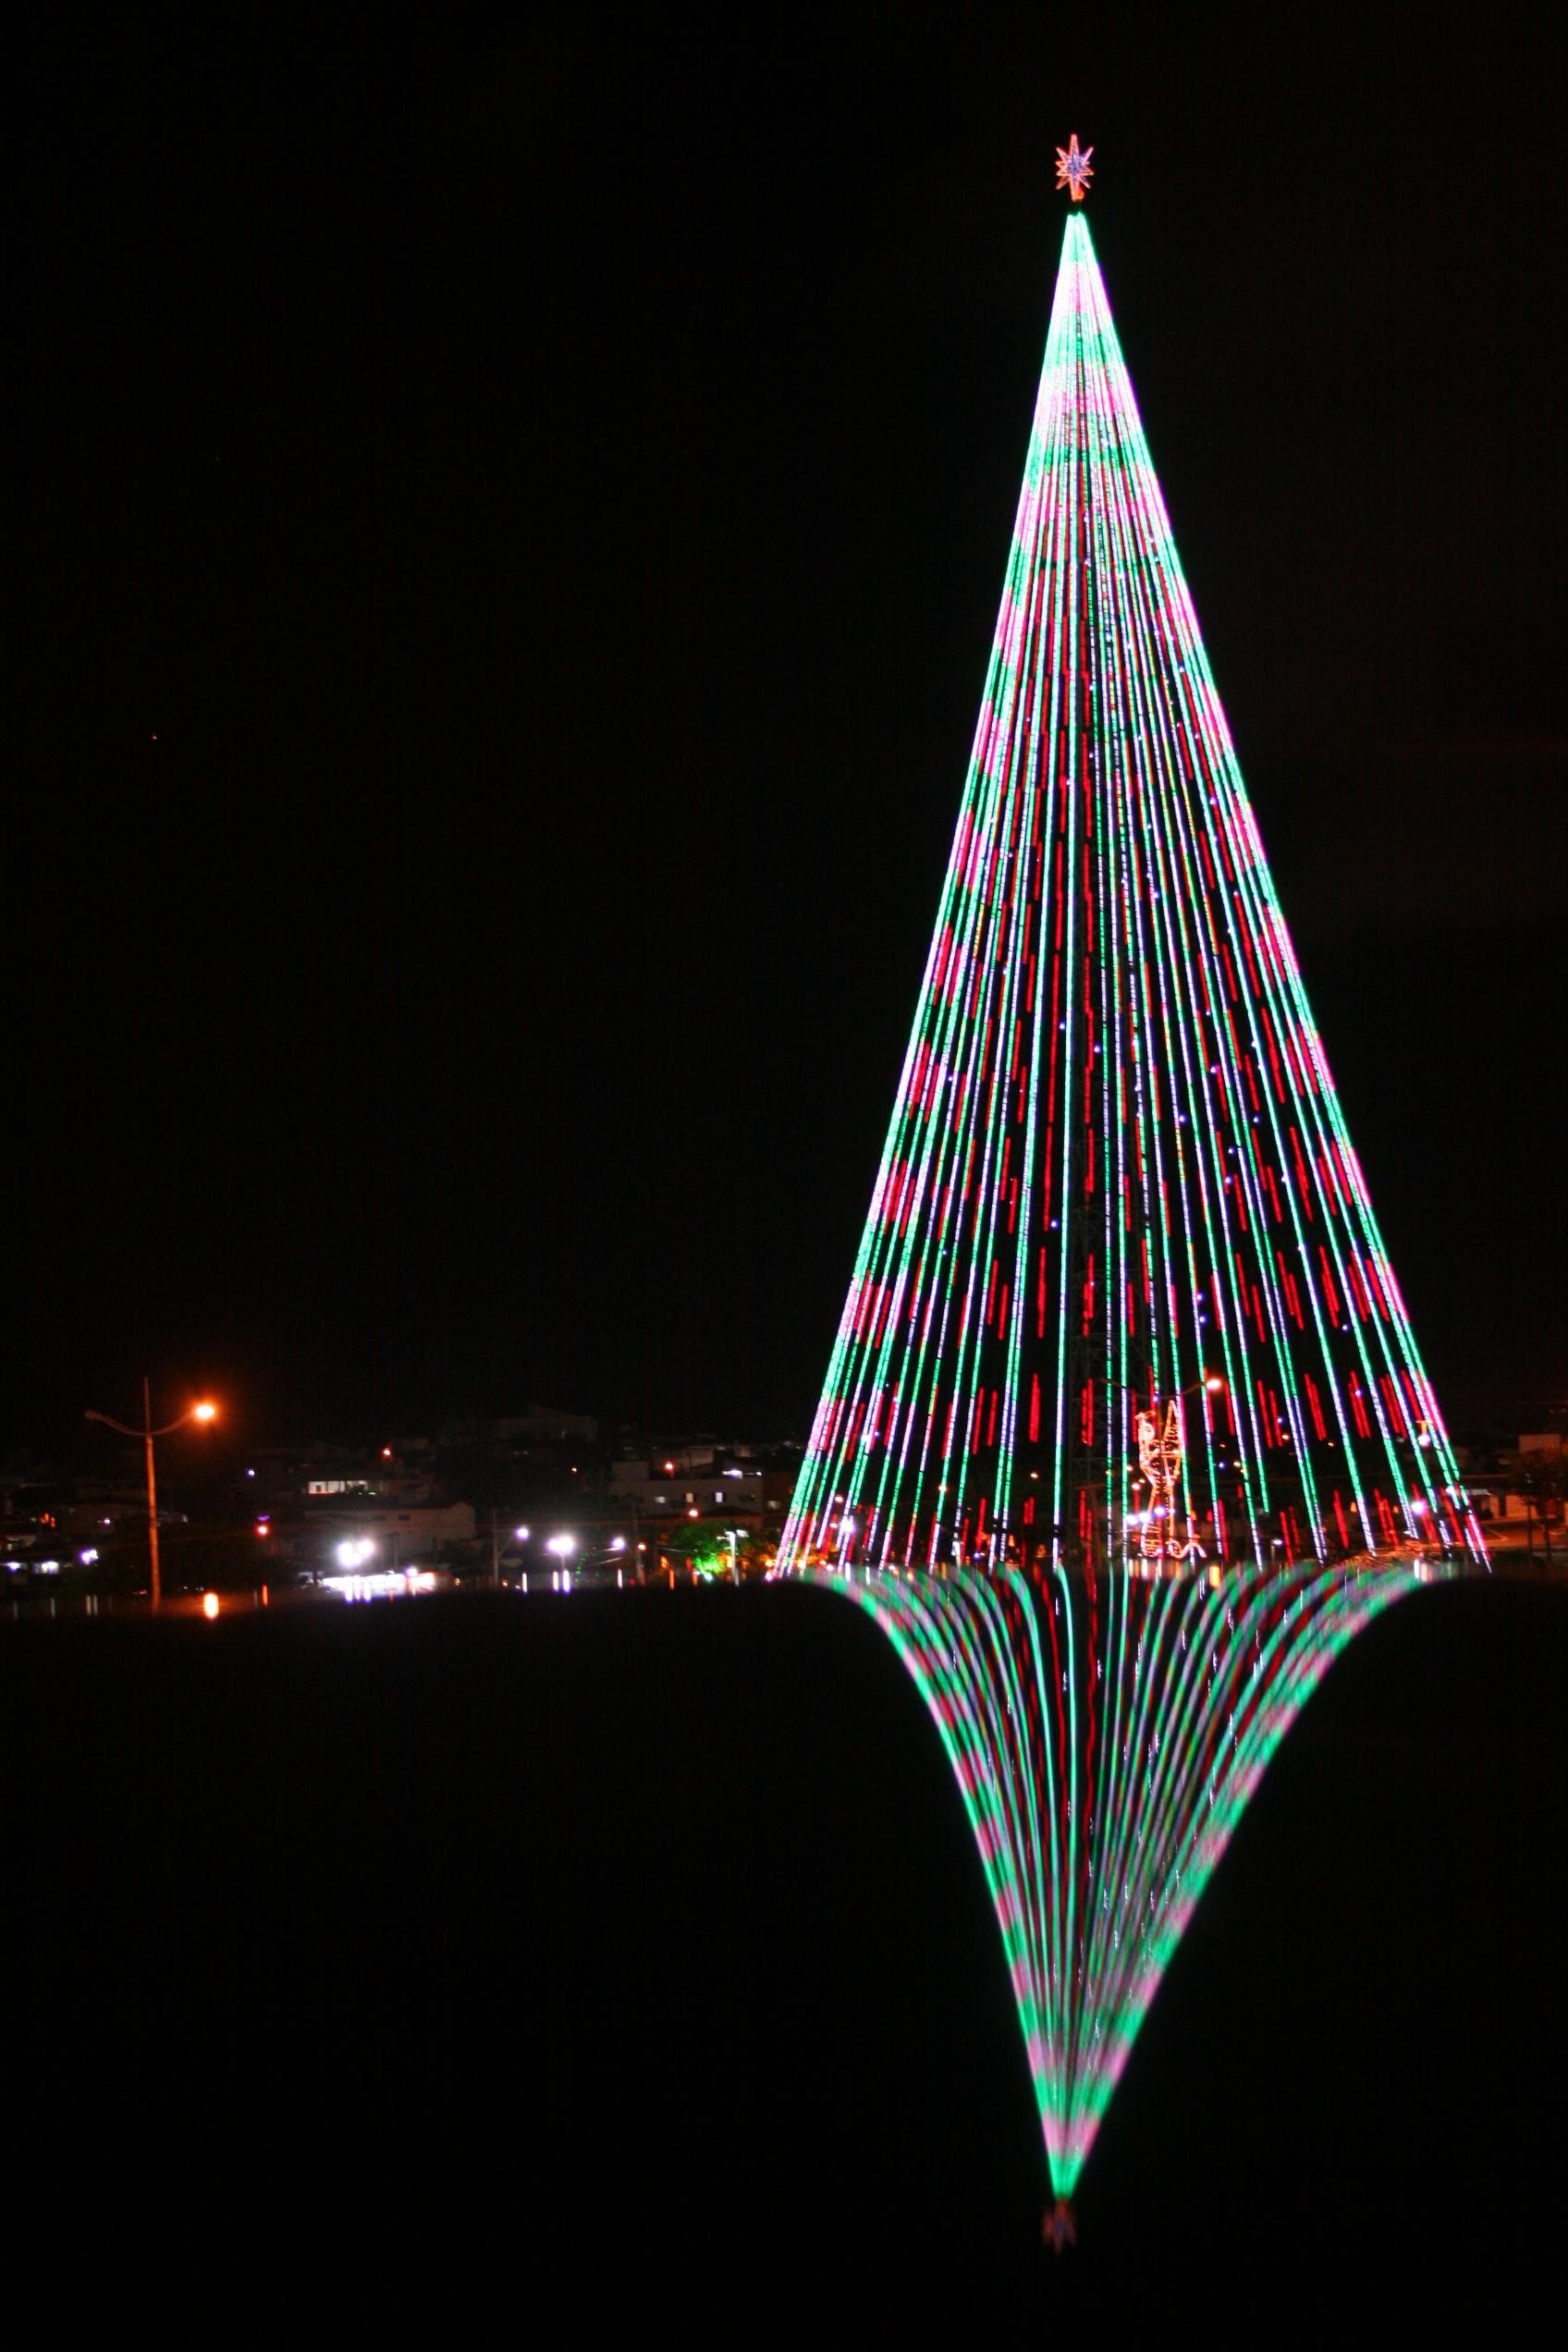 Cerca de 500 mil lâmpadas de led e estrondo são responsáveis pelo efeito pisca-pisca nas cores verde, vermelha e branca da árvore